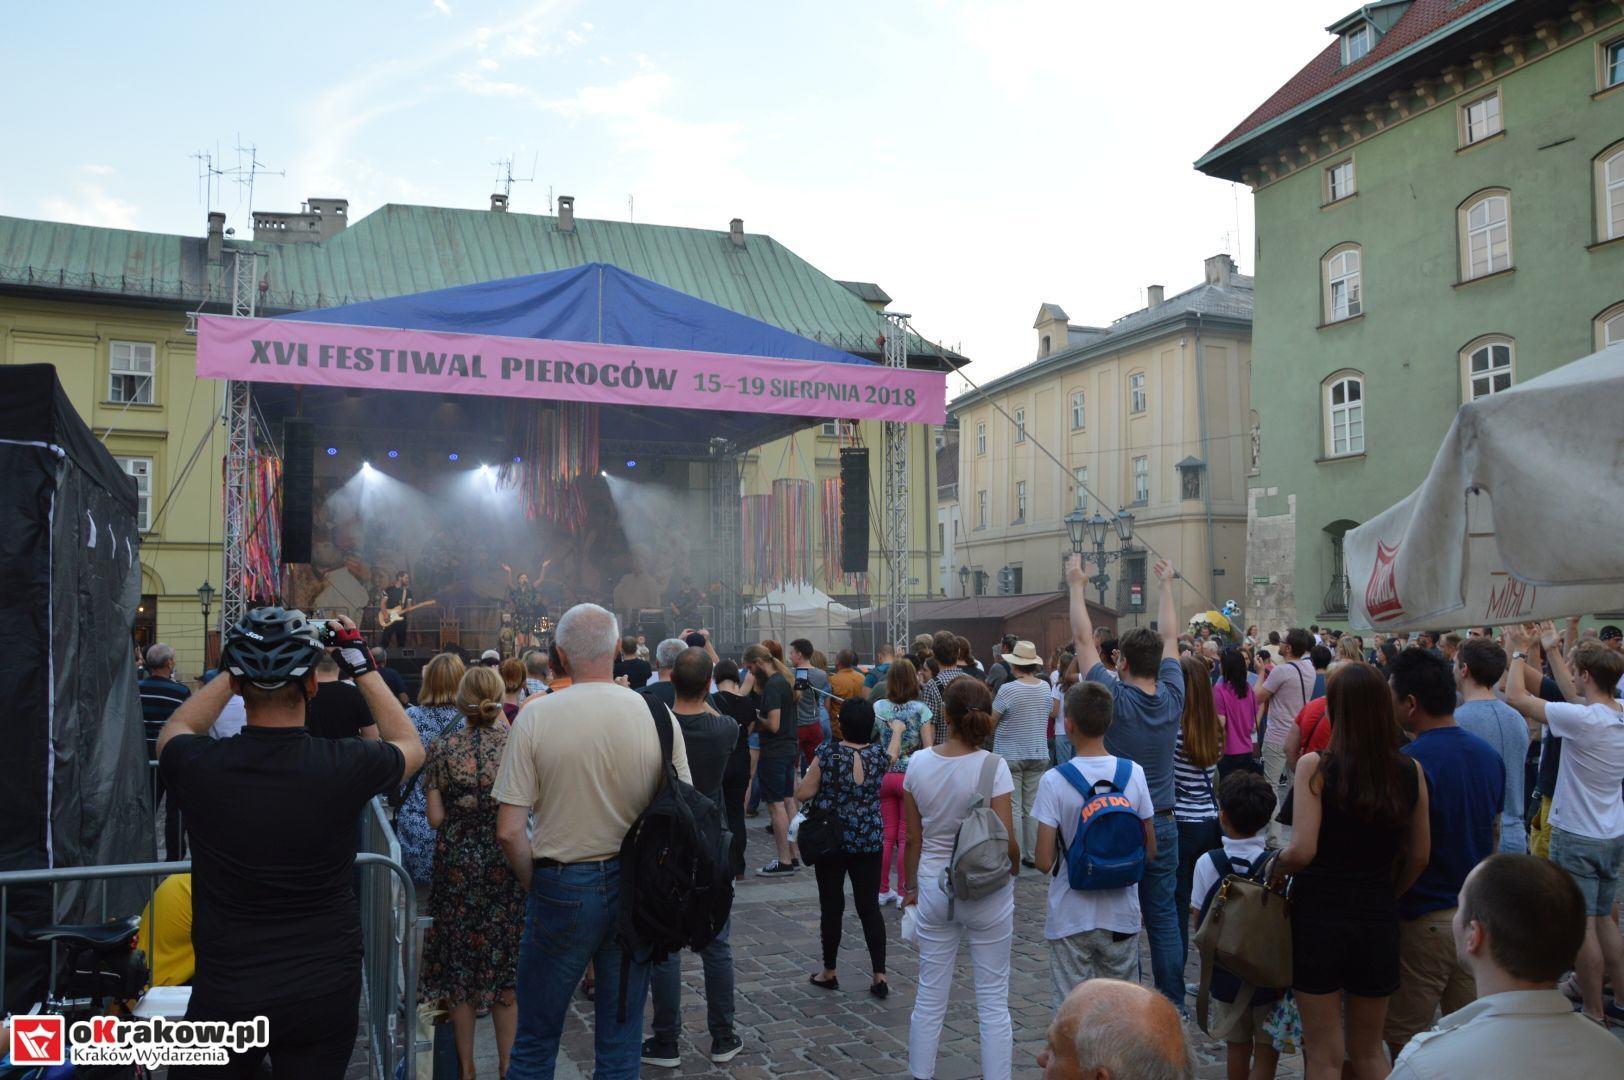 krakow festiwal pierogow maly rynek koncert cheap tobacco 129 150x150 - Galeria zdjęć Festiwal Pierogów Kraków 2018 + zdjęcia z koncertu Cheap Tobacco